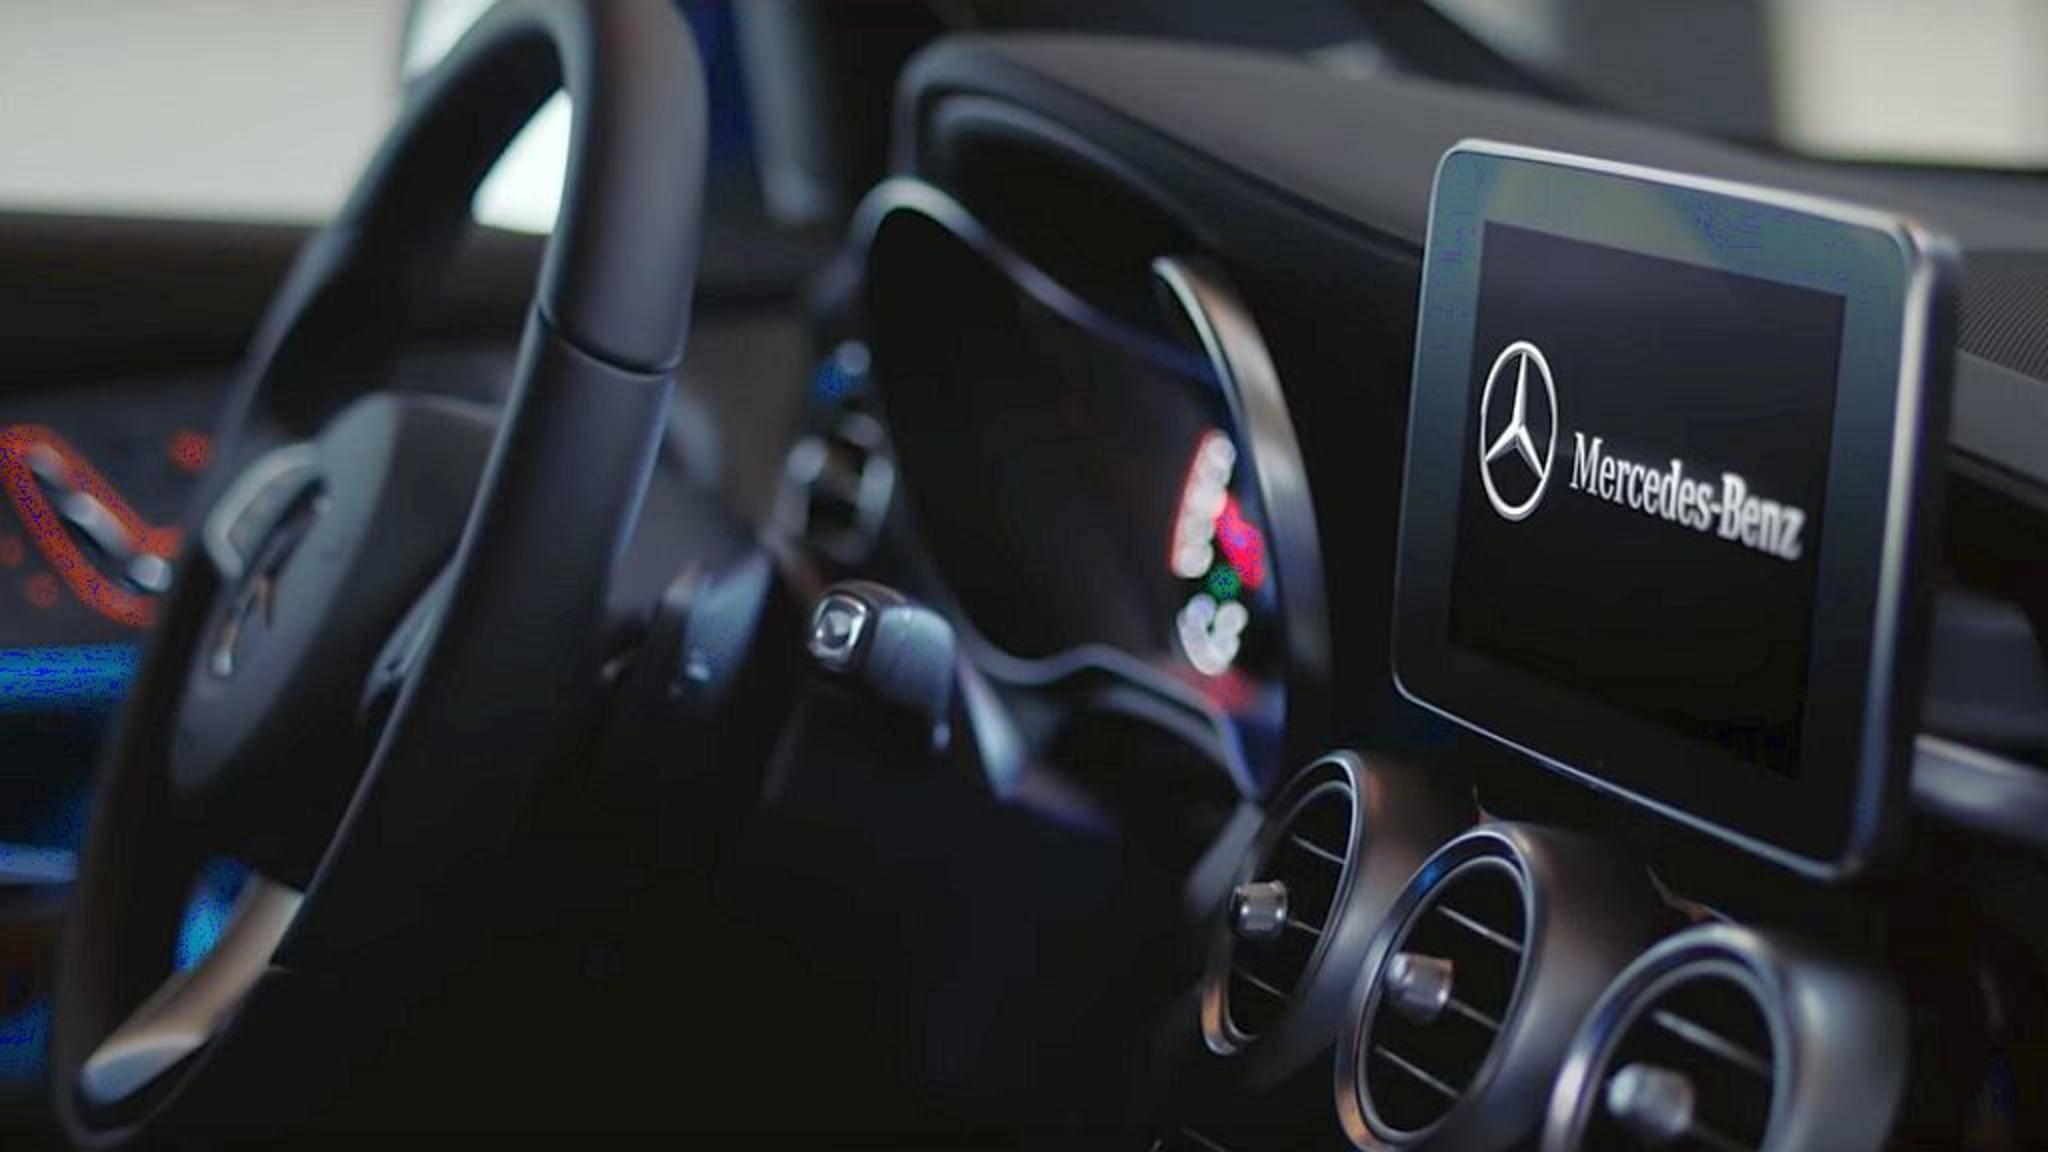 Ein Sprachbefehl via Google Home und Alexa genügt – und der Mercedes kalibriert sich von selbst.